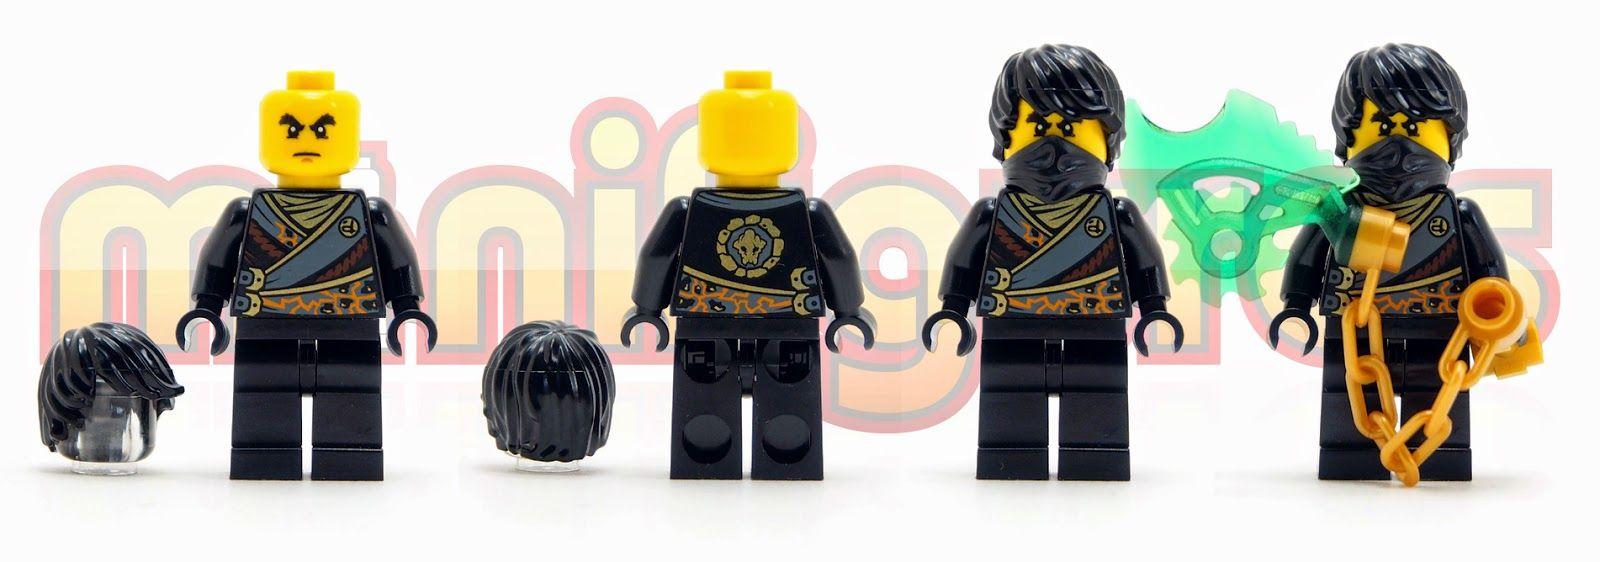 resultado de imagen para lego ninjago kai season 3 figure - Lego Ninjago Nouvelle Saison